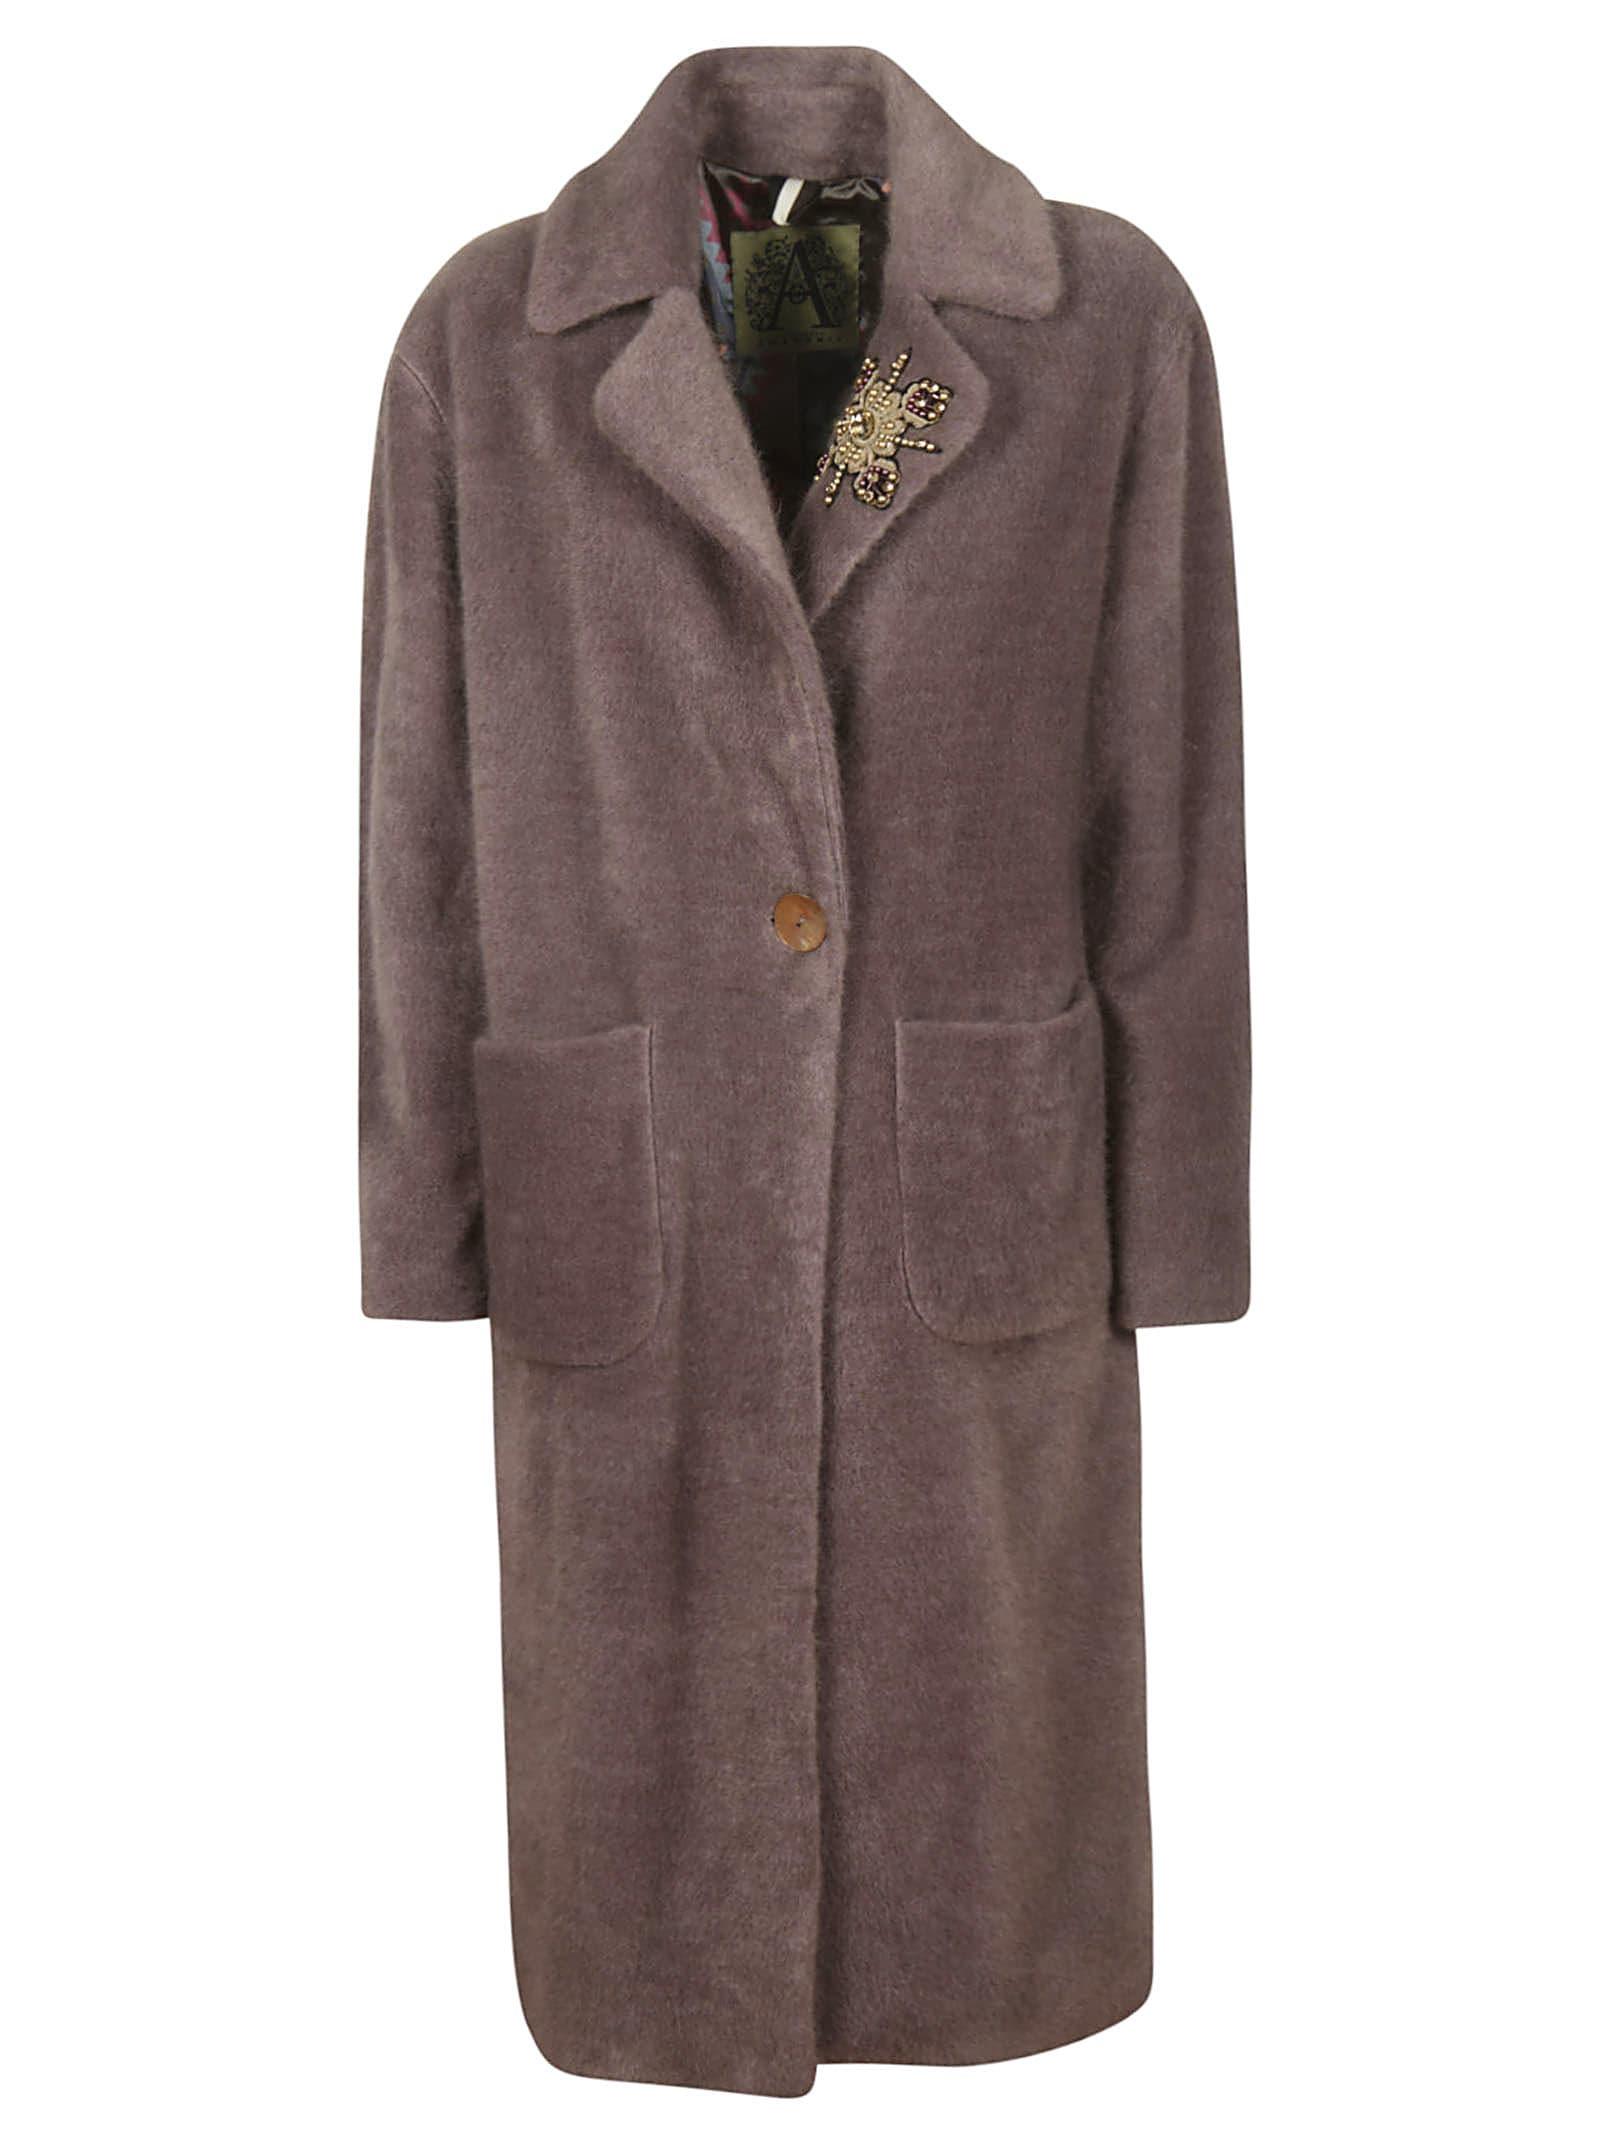 Alessandra Chamonix Beatrice Coat